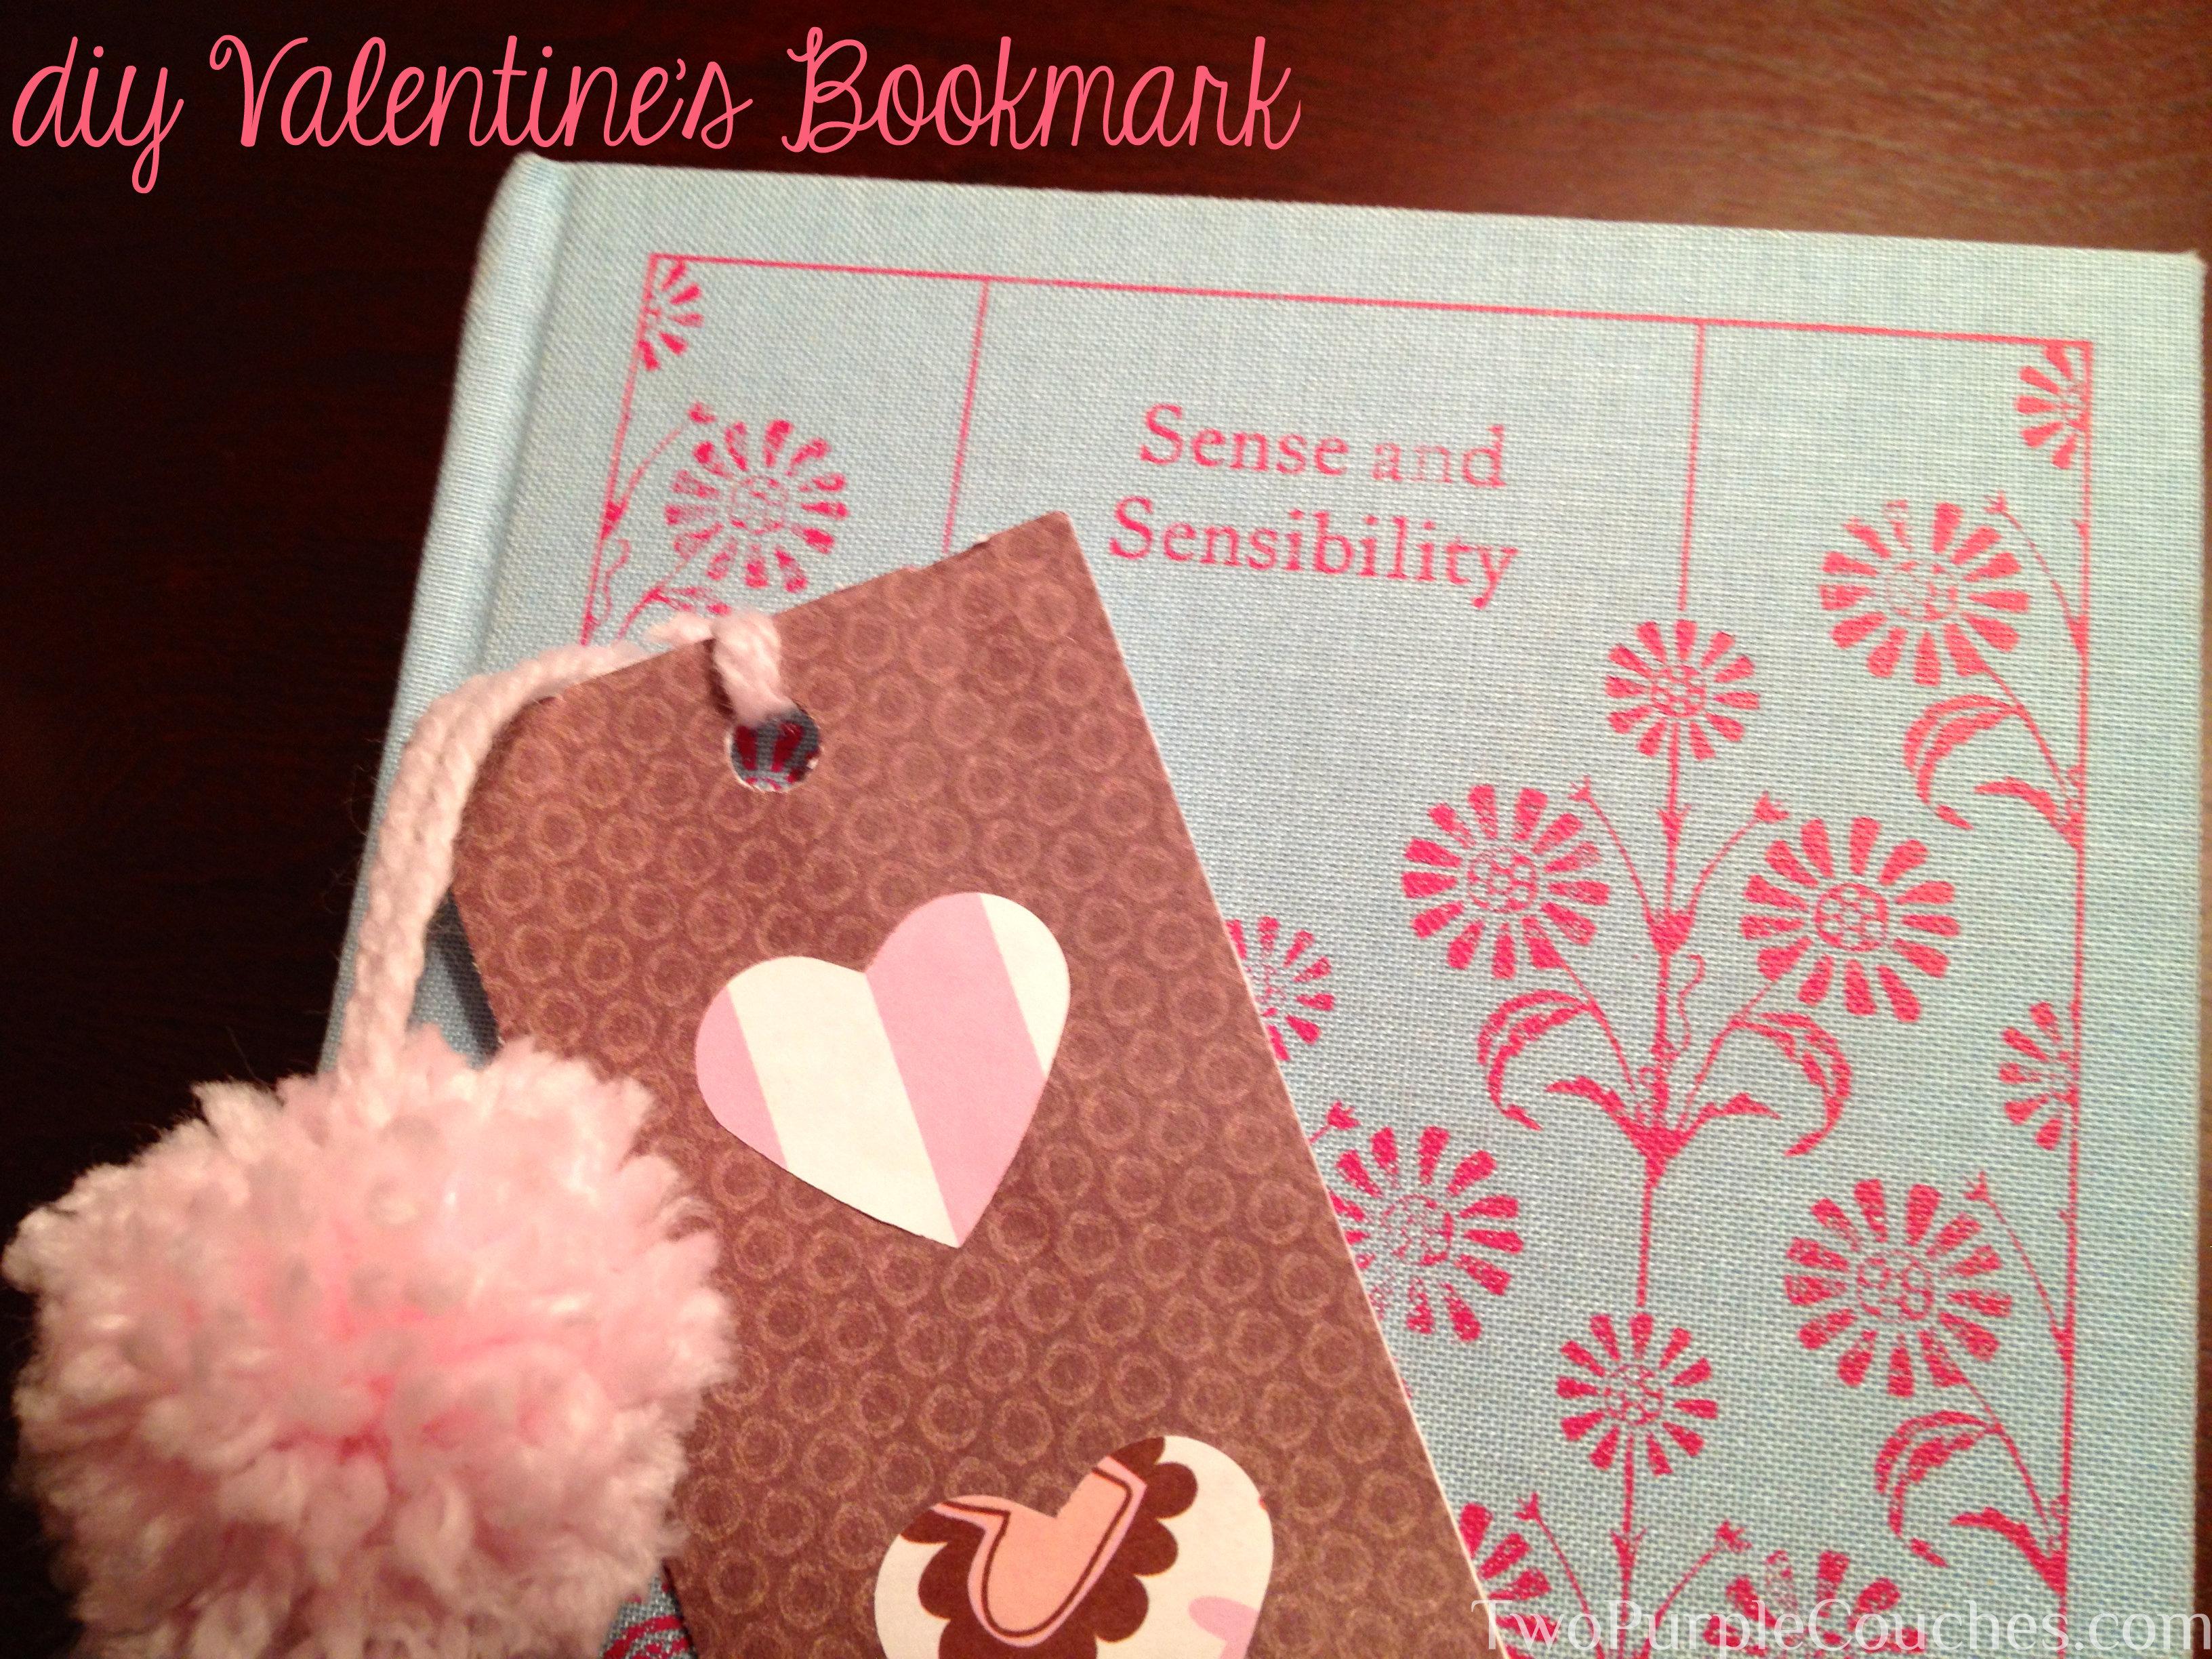 S&S bookmark